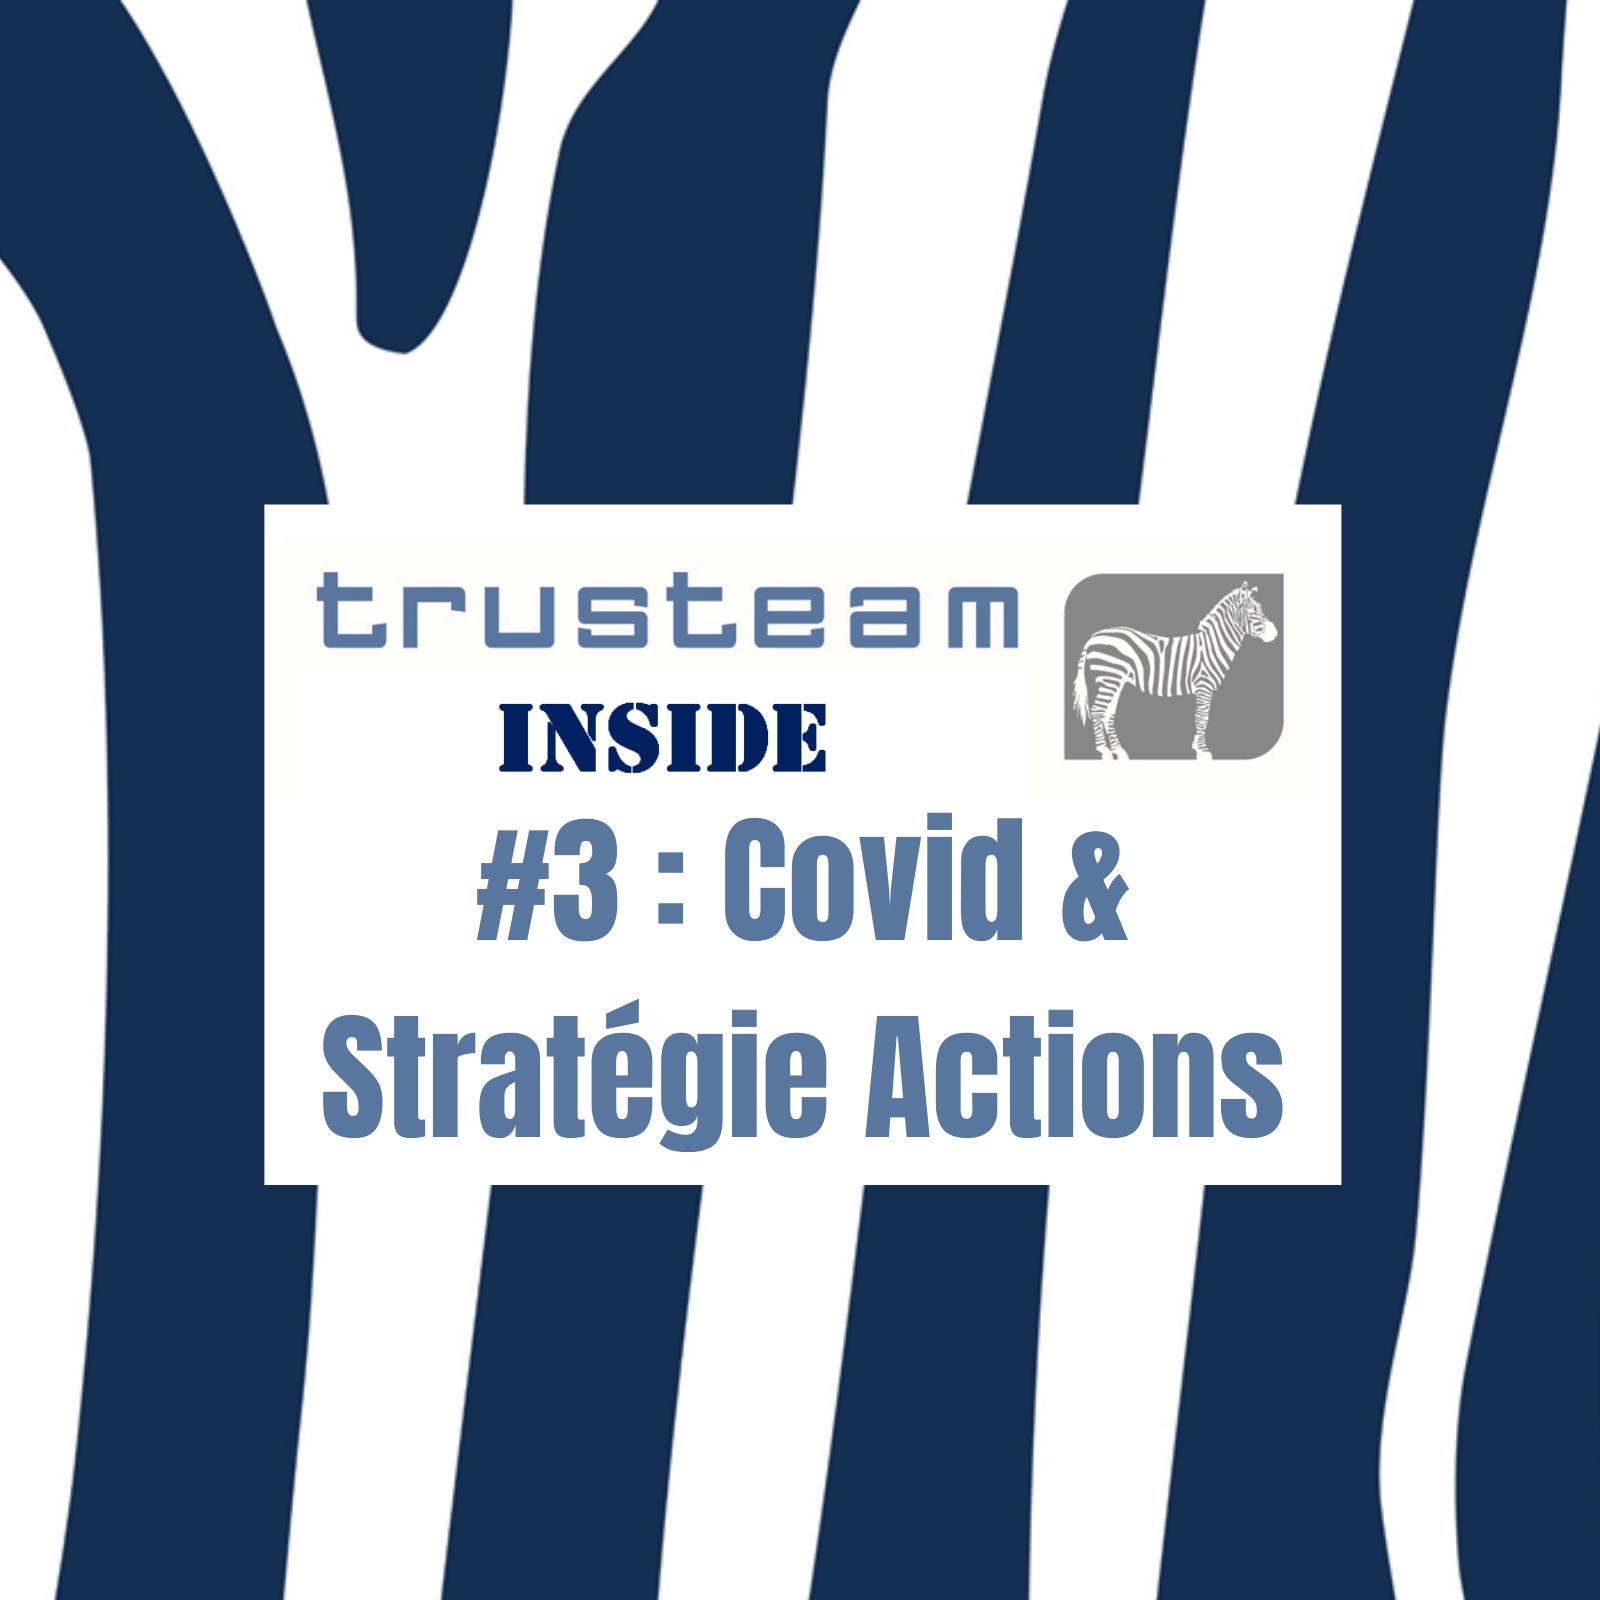 #3 Covid & Stratégie Actions